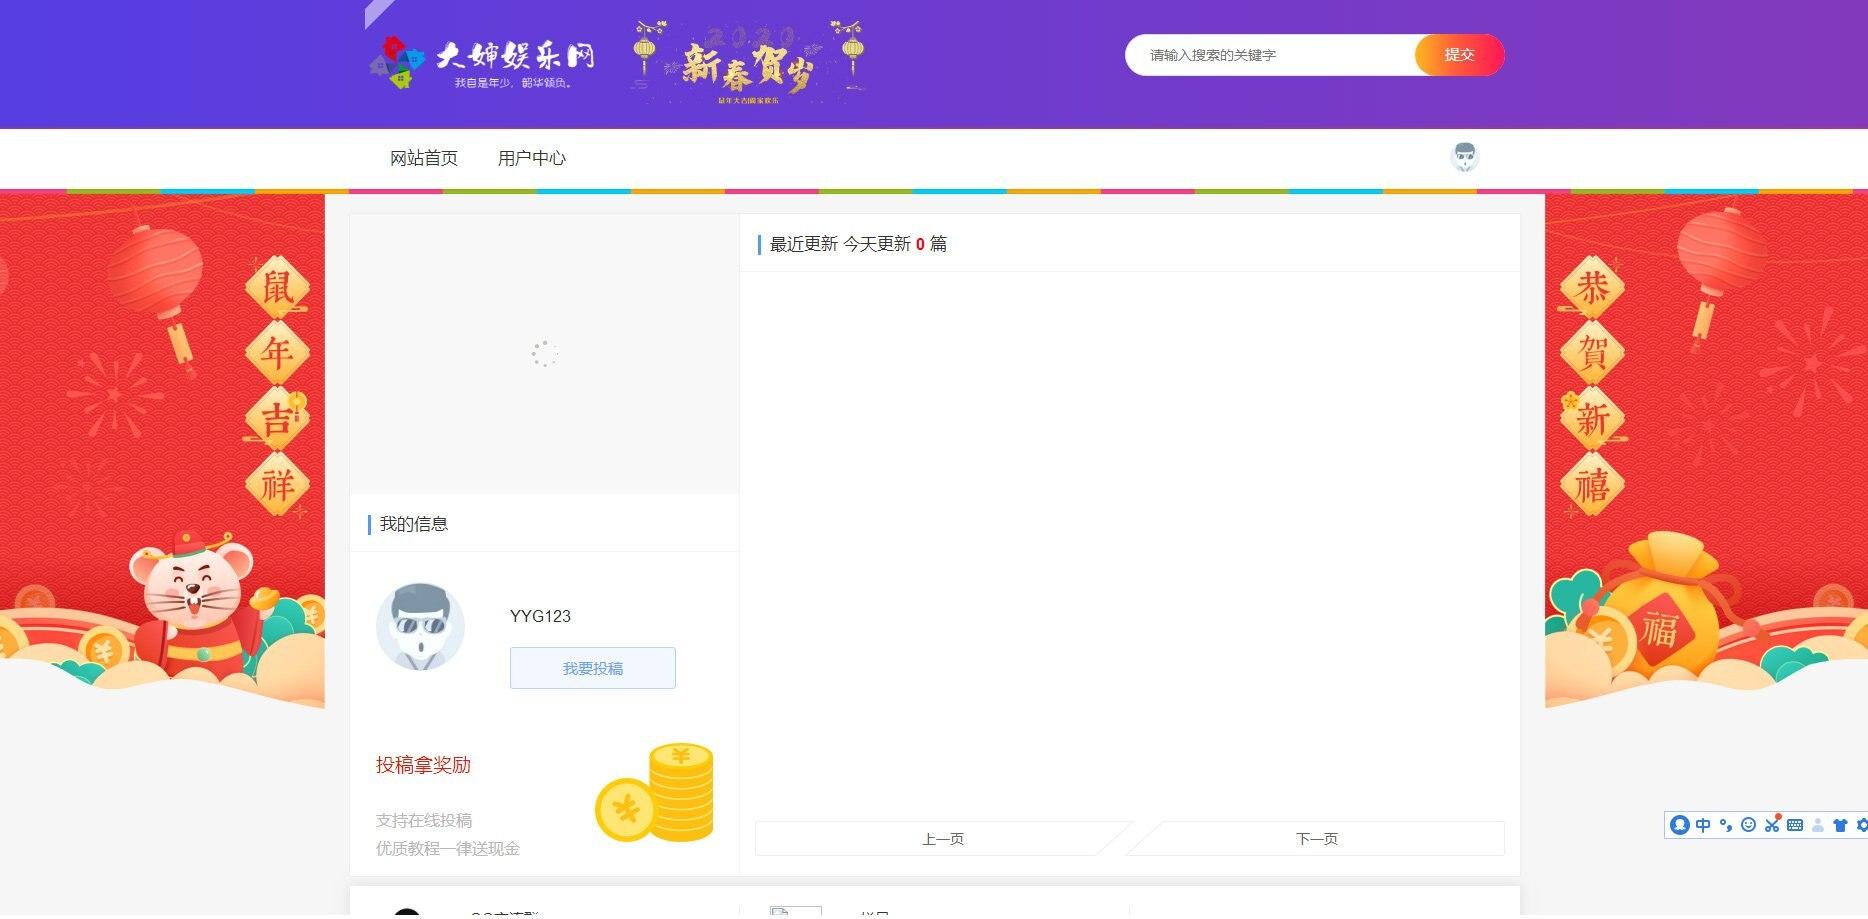 【大婶娱乐网模板】2020首发非常漂亮的娱乐资源网整站打包源码